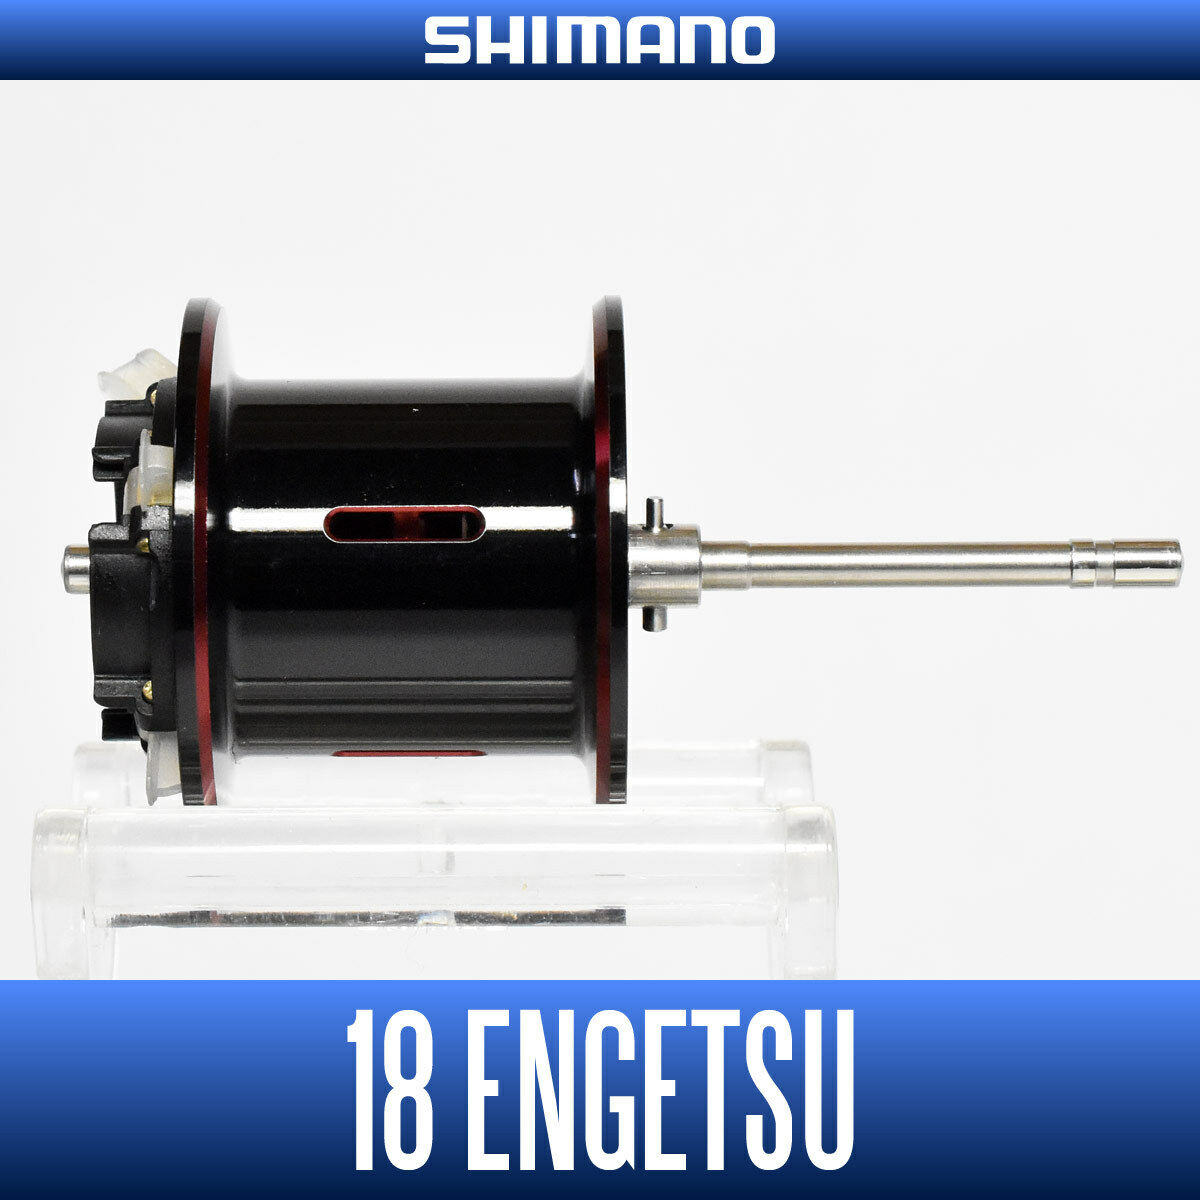 SHIMANO Genuine 17 ENGETSU 炎月 High Gear Model  Original  Spare Spool